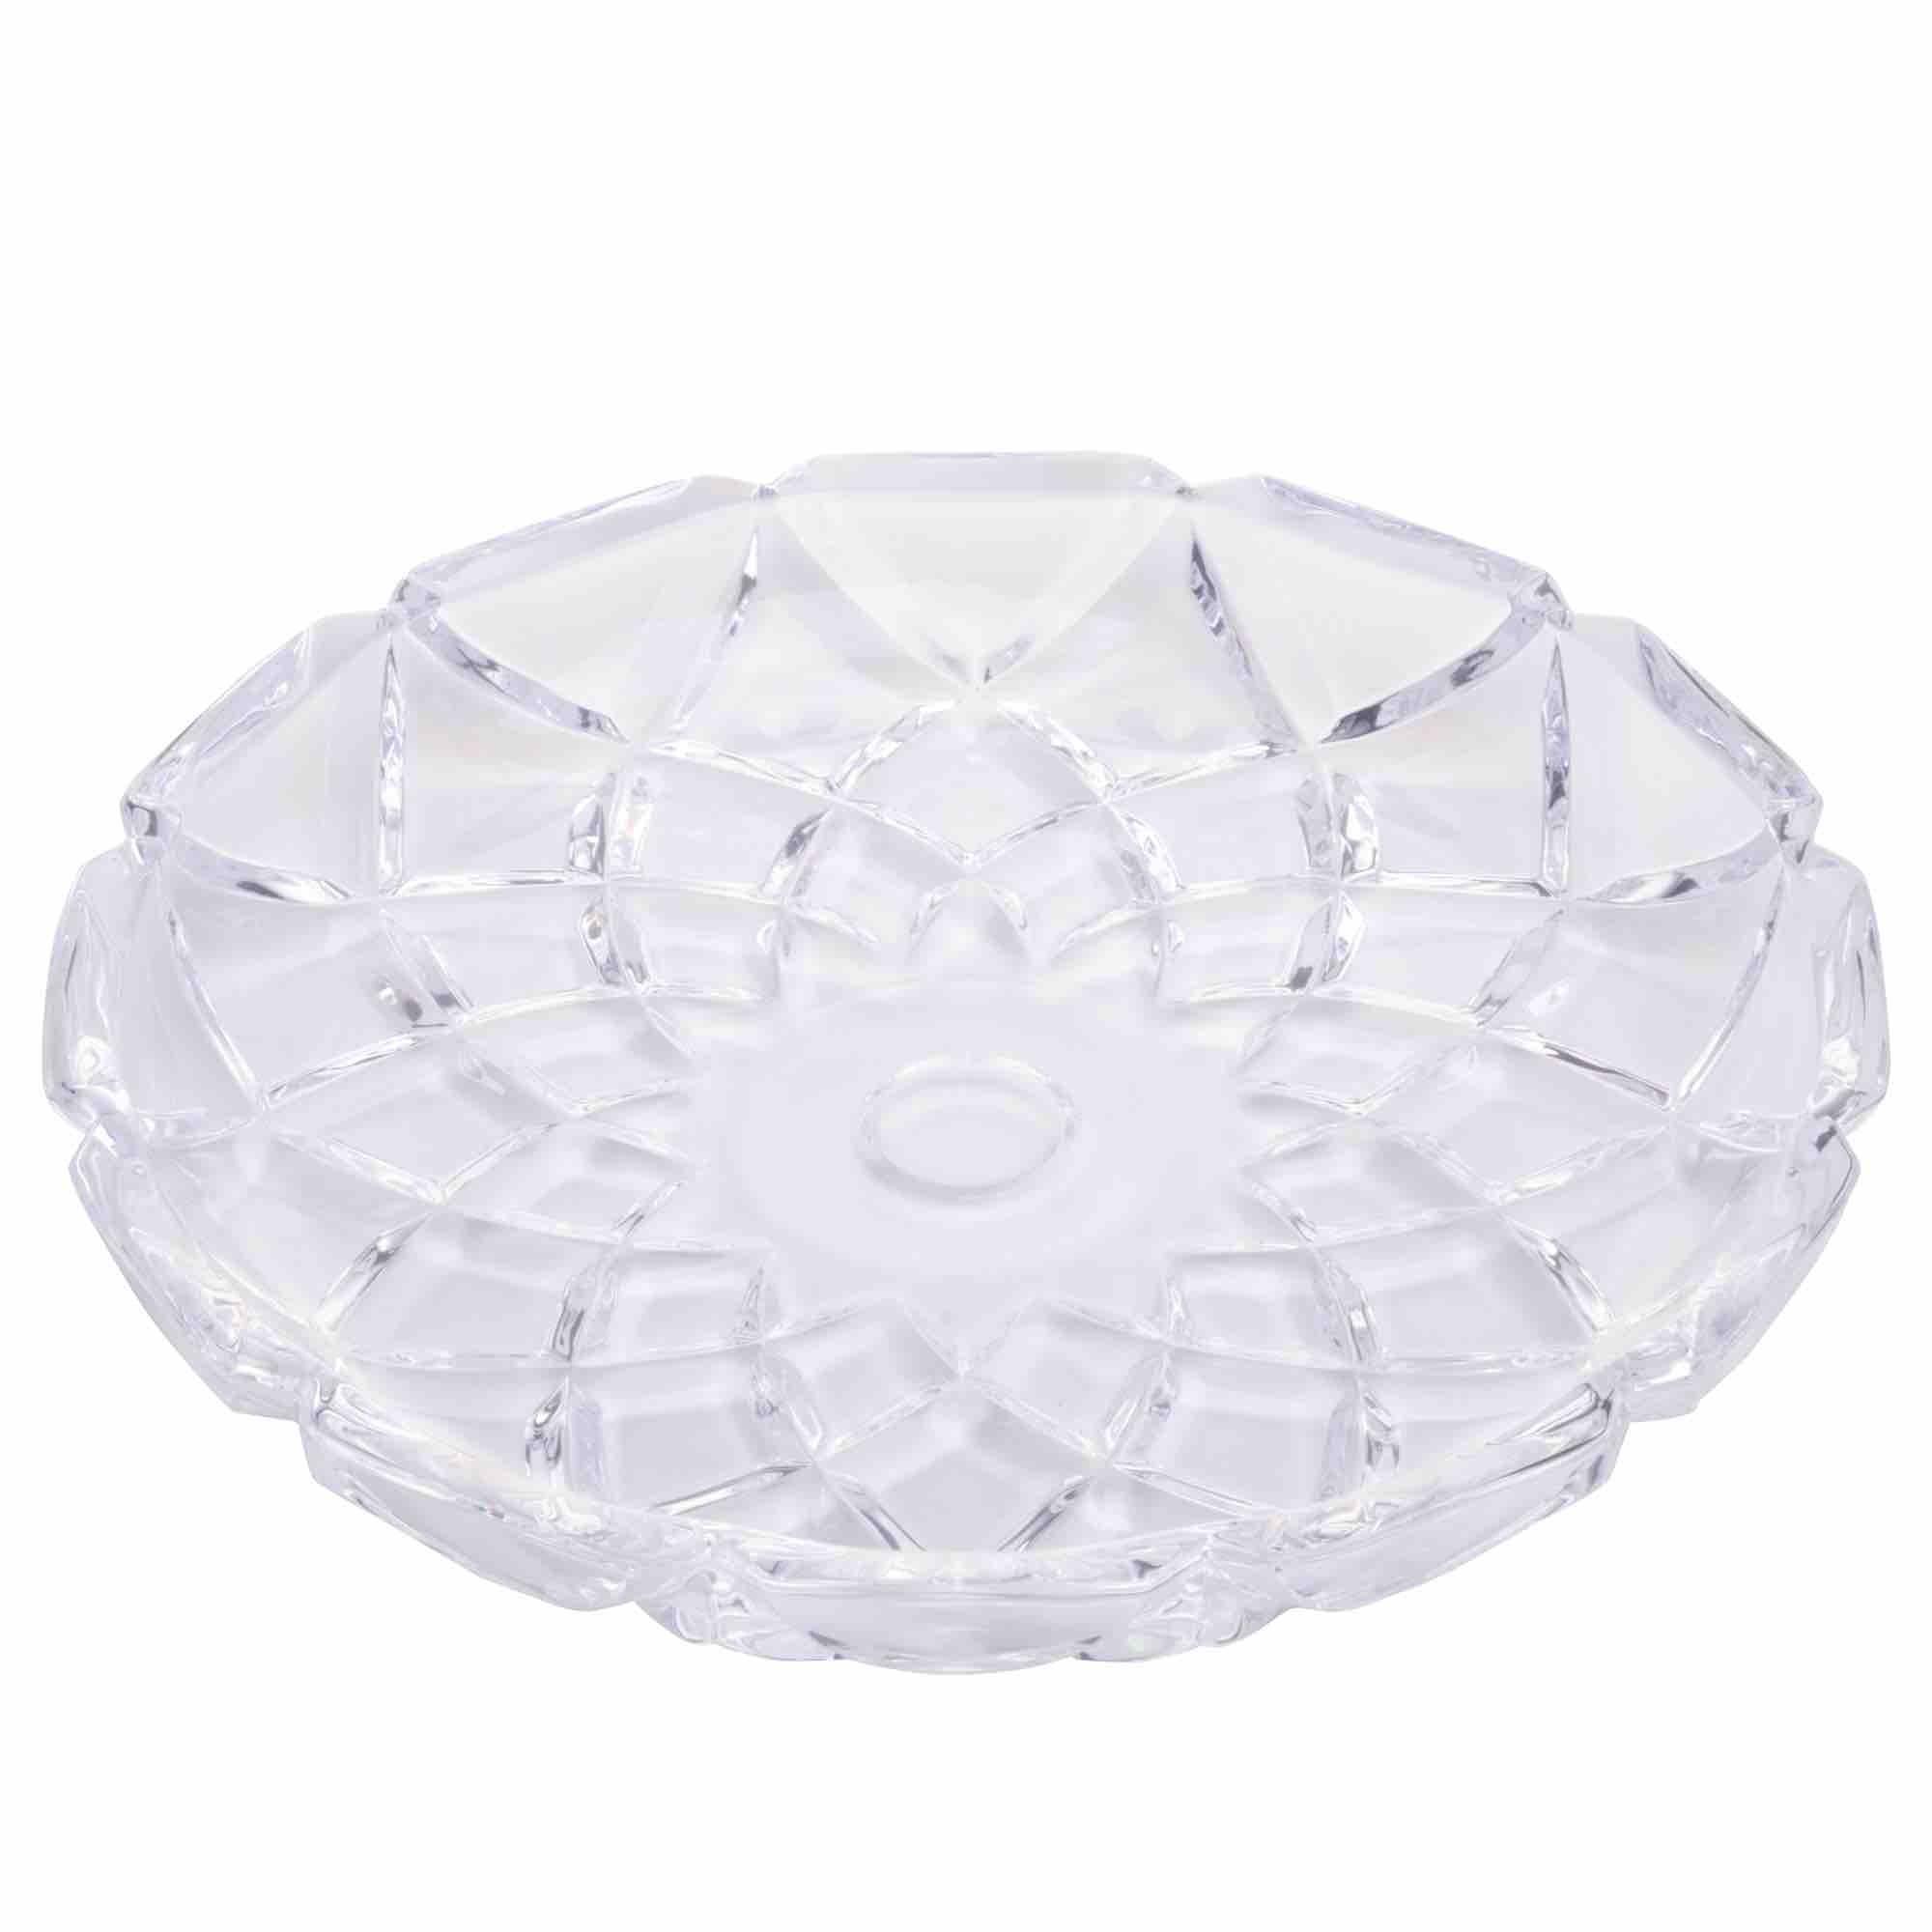 Prato de Cristal Deli Diamond 18,5 x 2,5cm